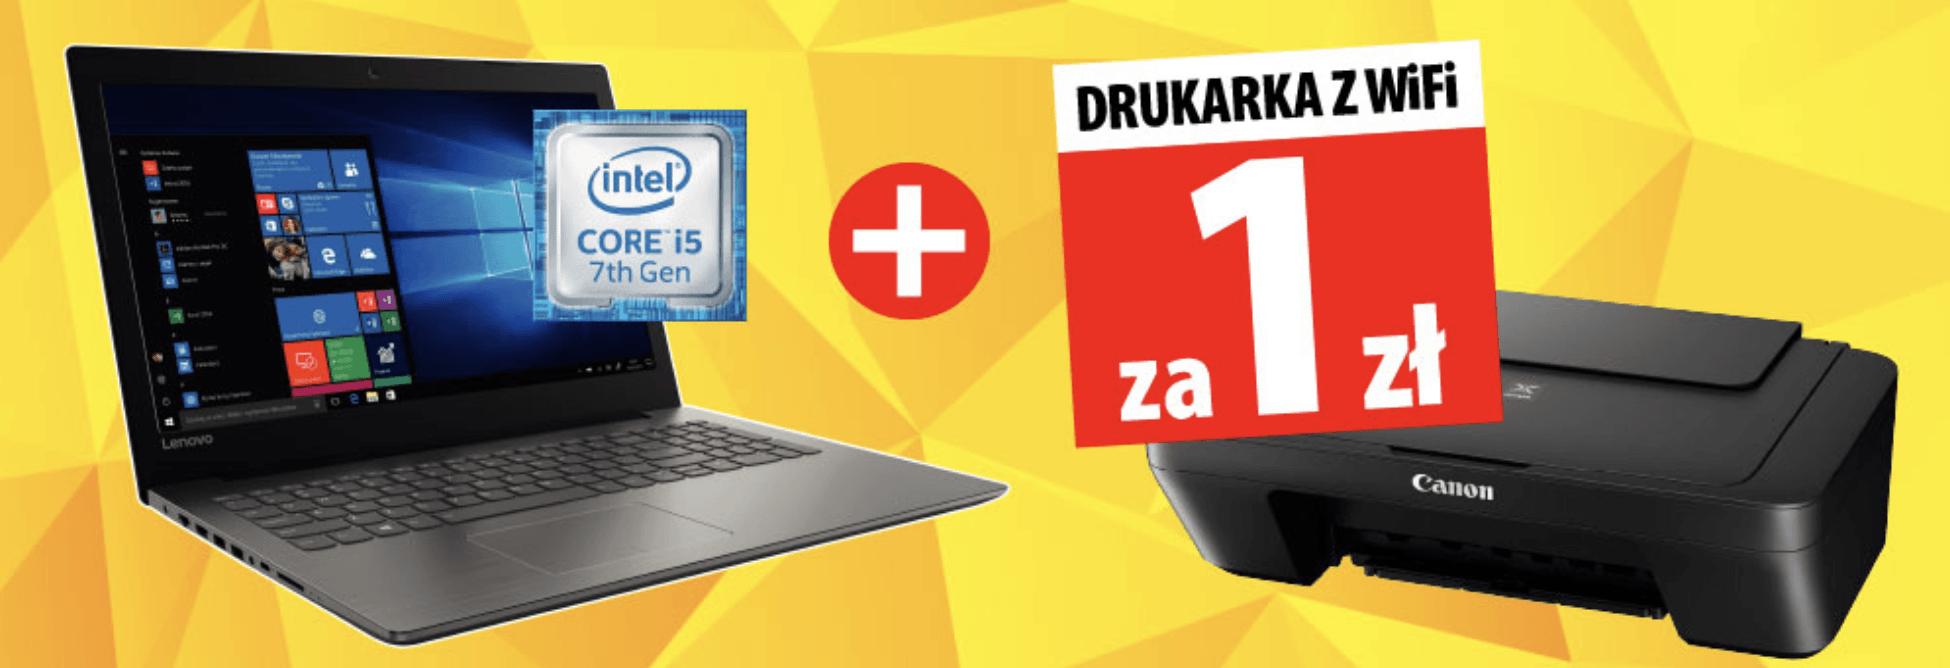 Promocja: kup laptop, weź od razu drukarkę z WiFi za złotówkę 28